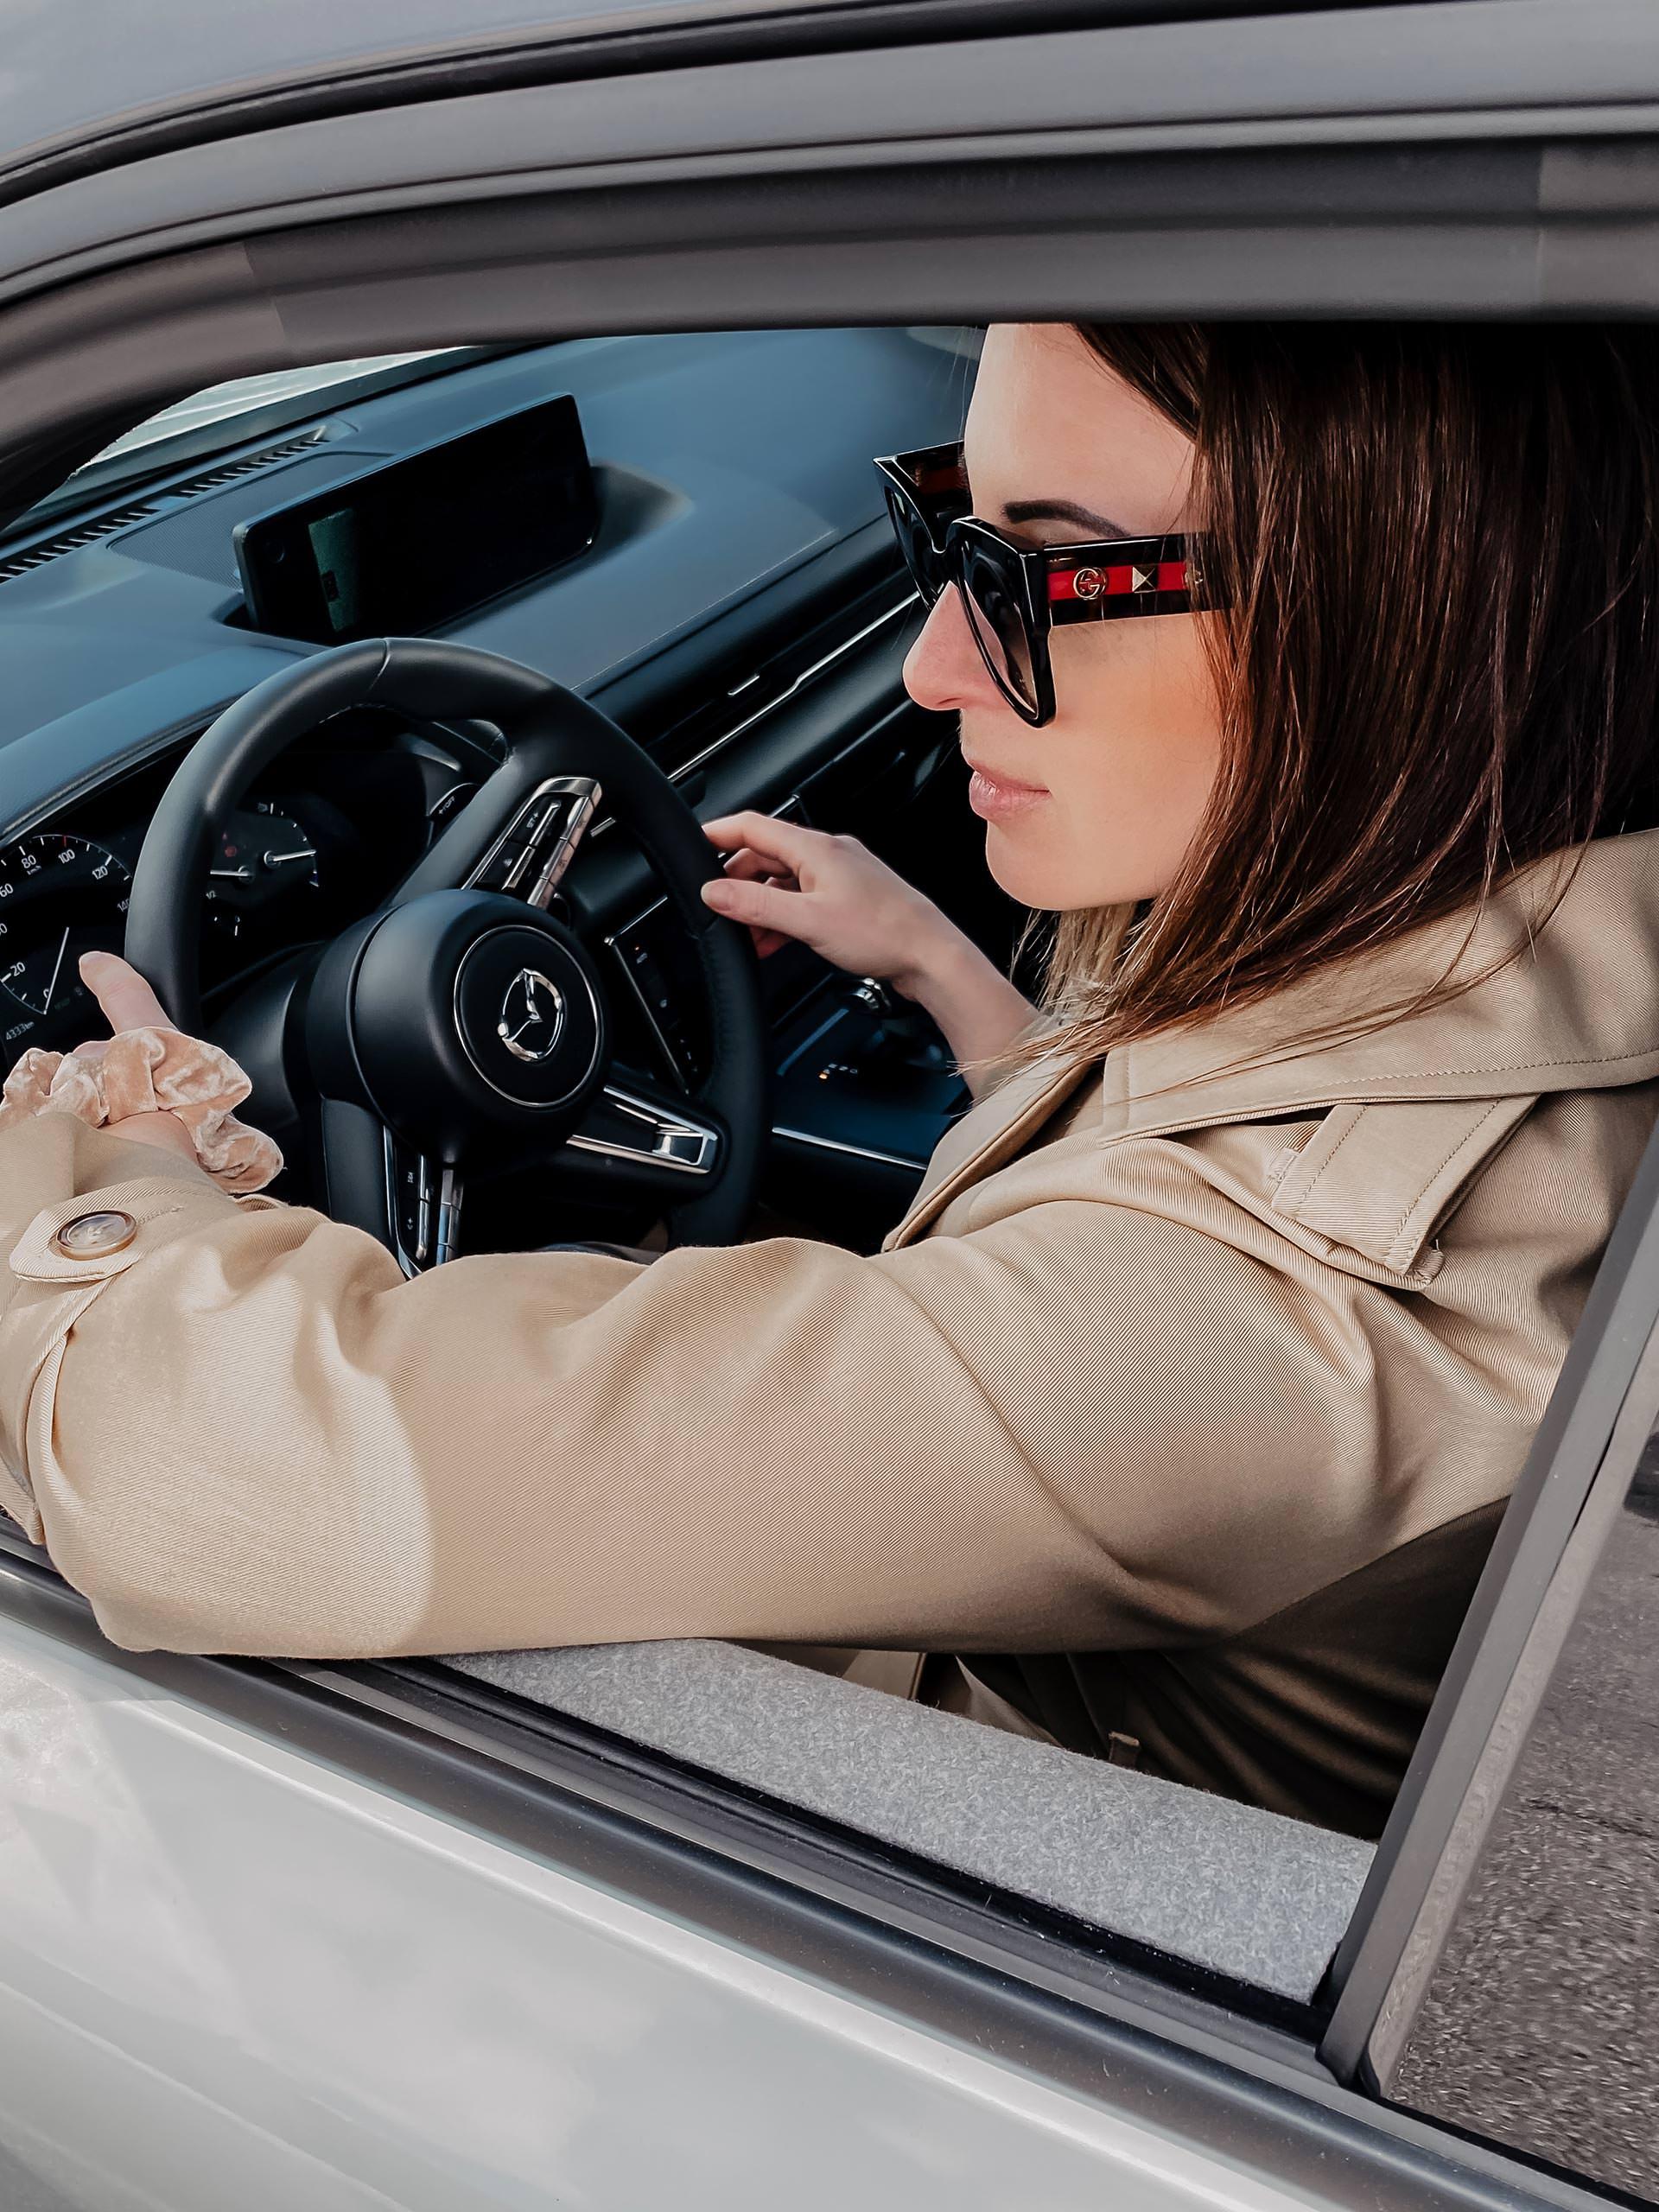 Anzeige. Wir durften den Mazda MX-30, einenvollelektrischen Crossover SUV,ausgiebig testen. Wie er sich im Alltag macht und was es zu beachten gibt? www.whoismocca.com